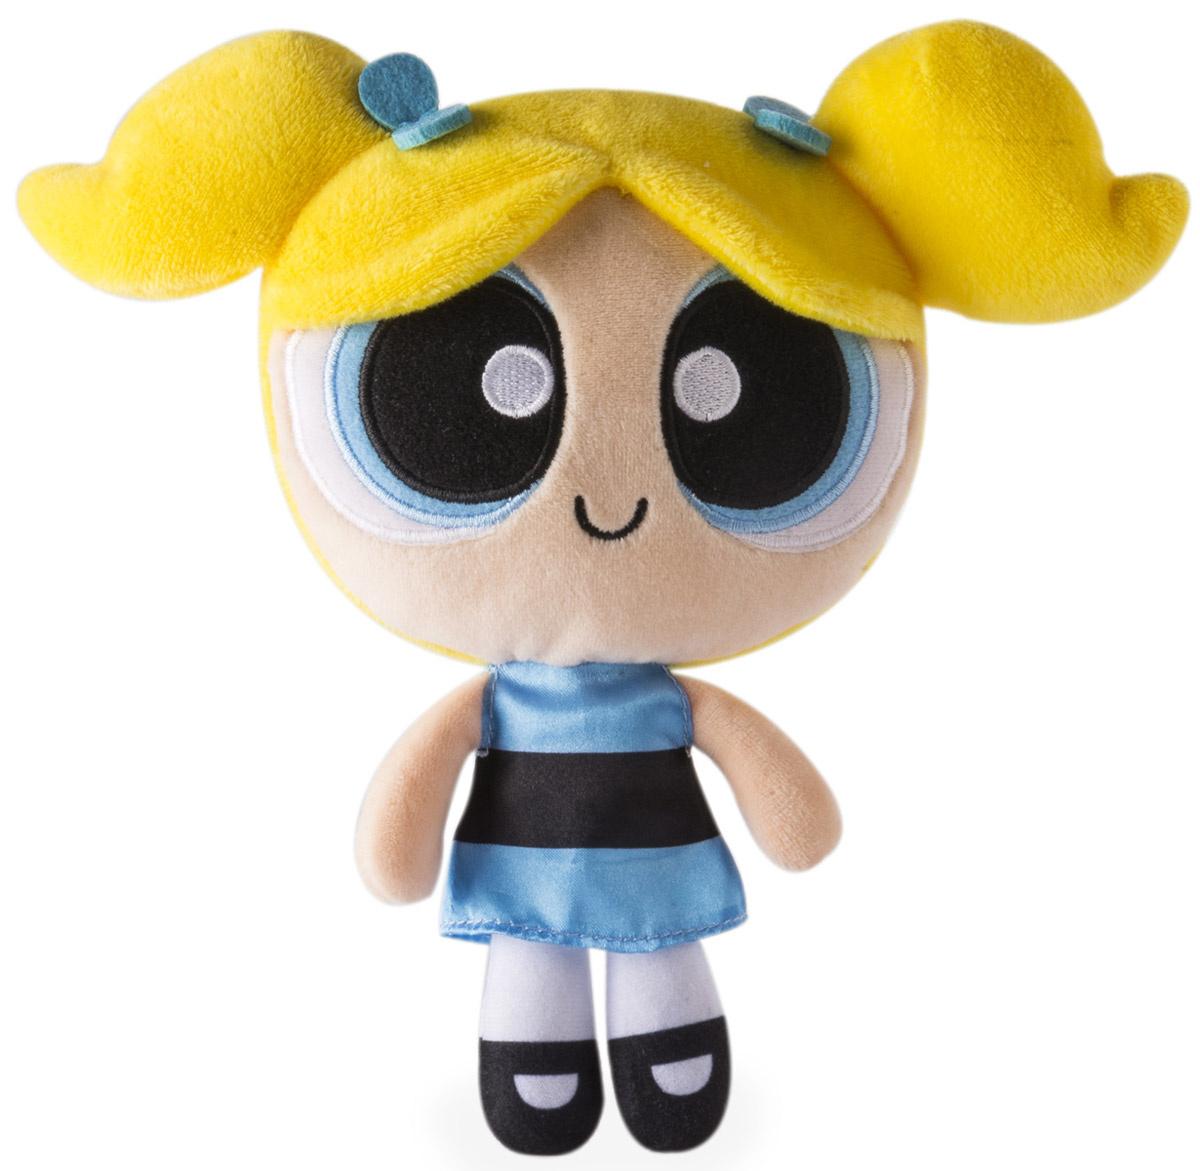 Powerpuff Girls Мягкая кукла Пузырек #1